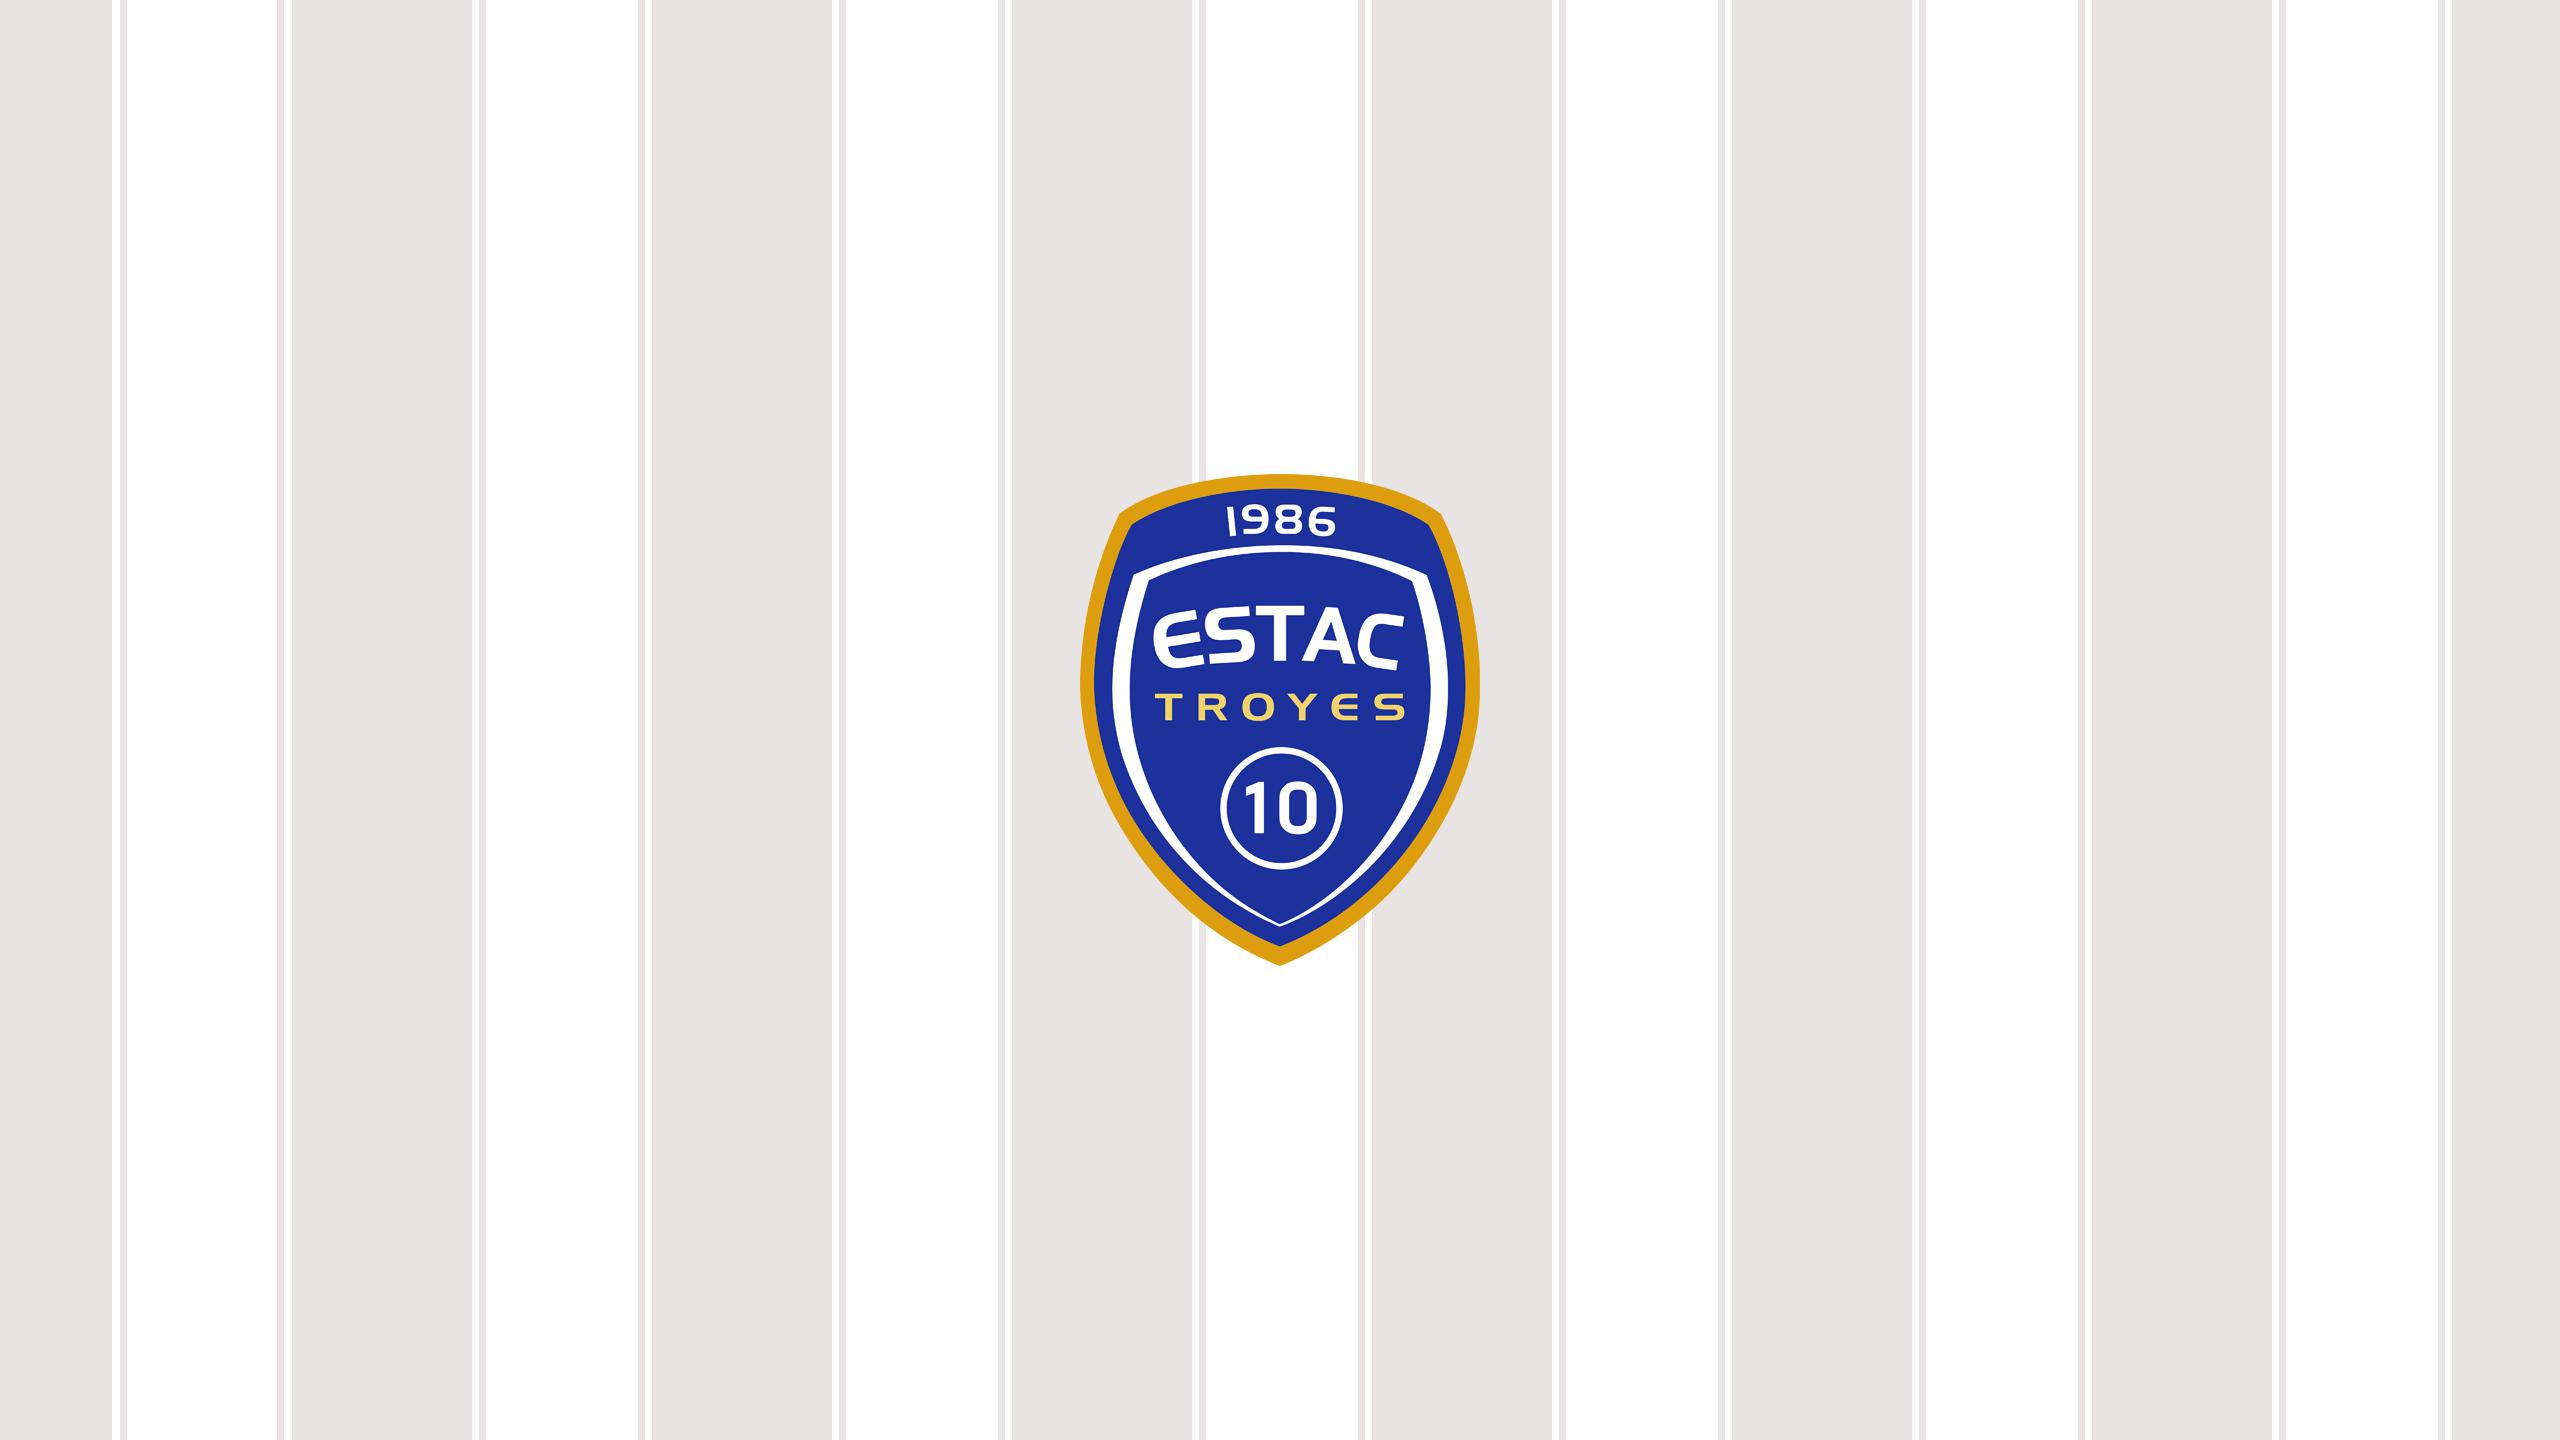 ESTAC Troyes (Away)